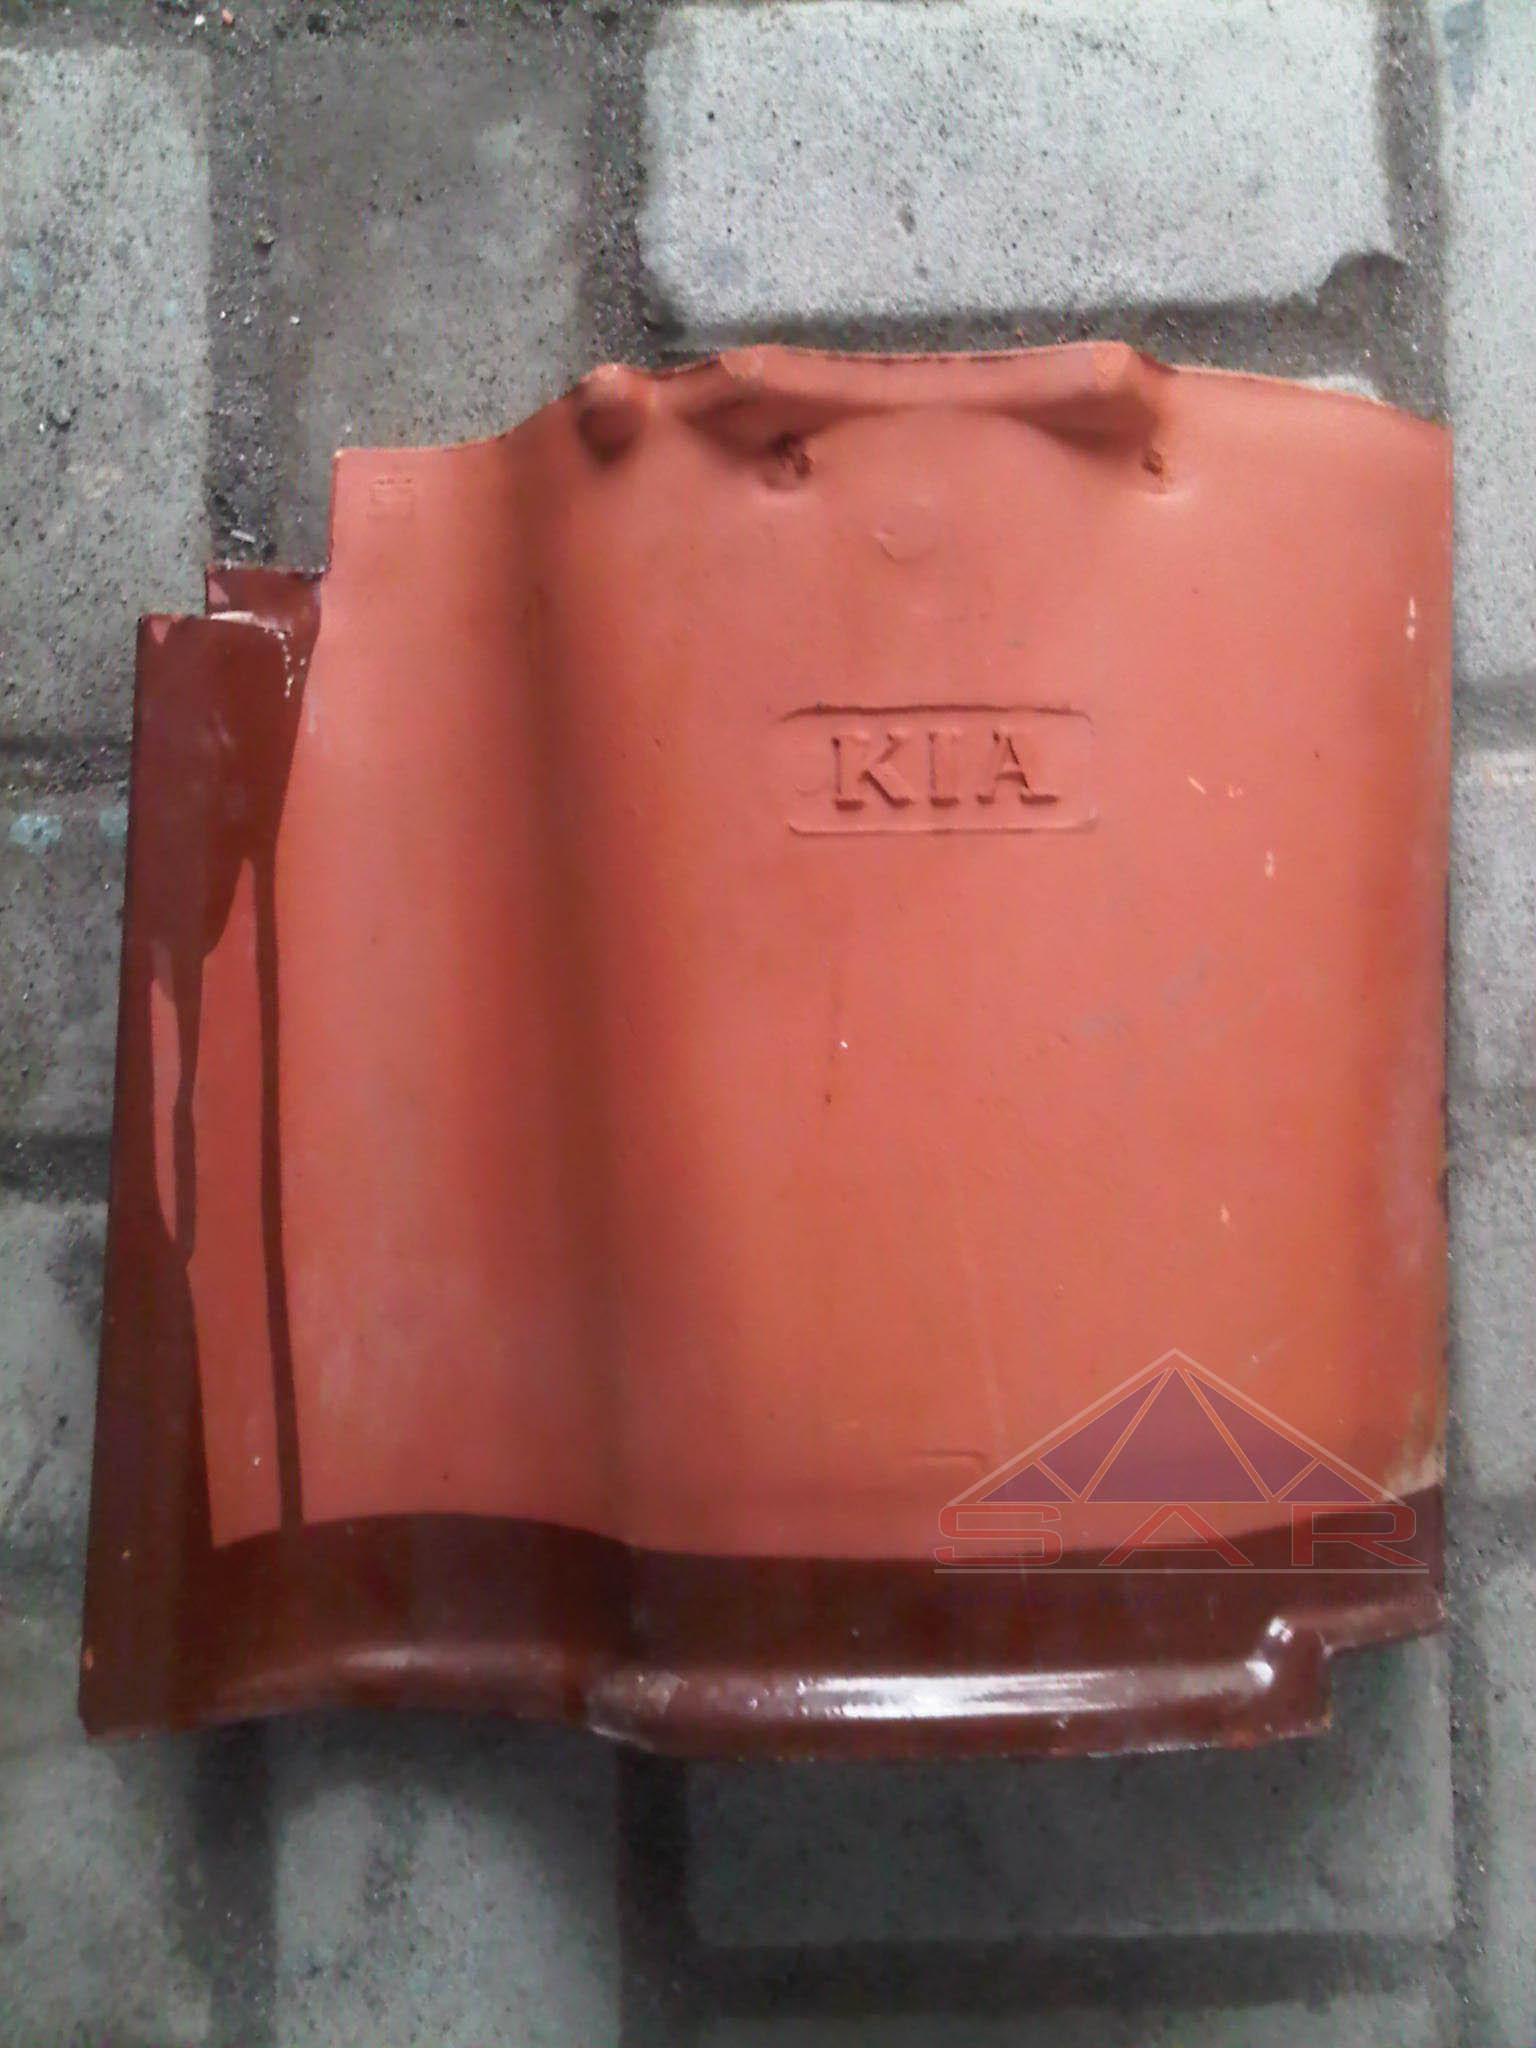 Genteng Keramik KIA